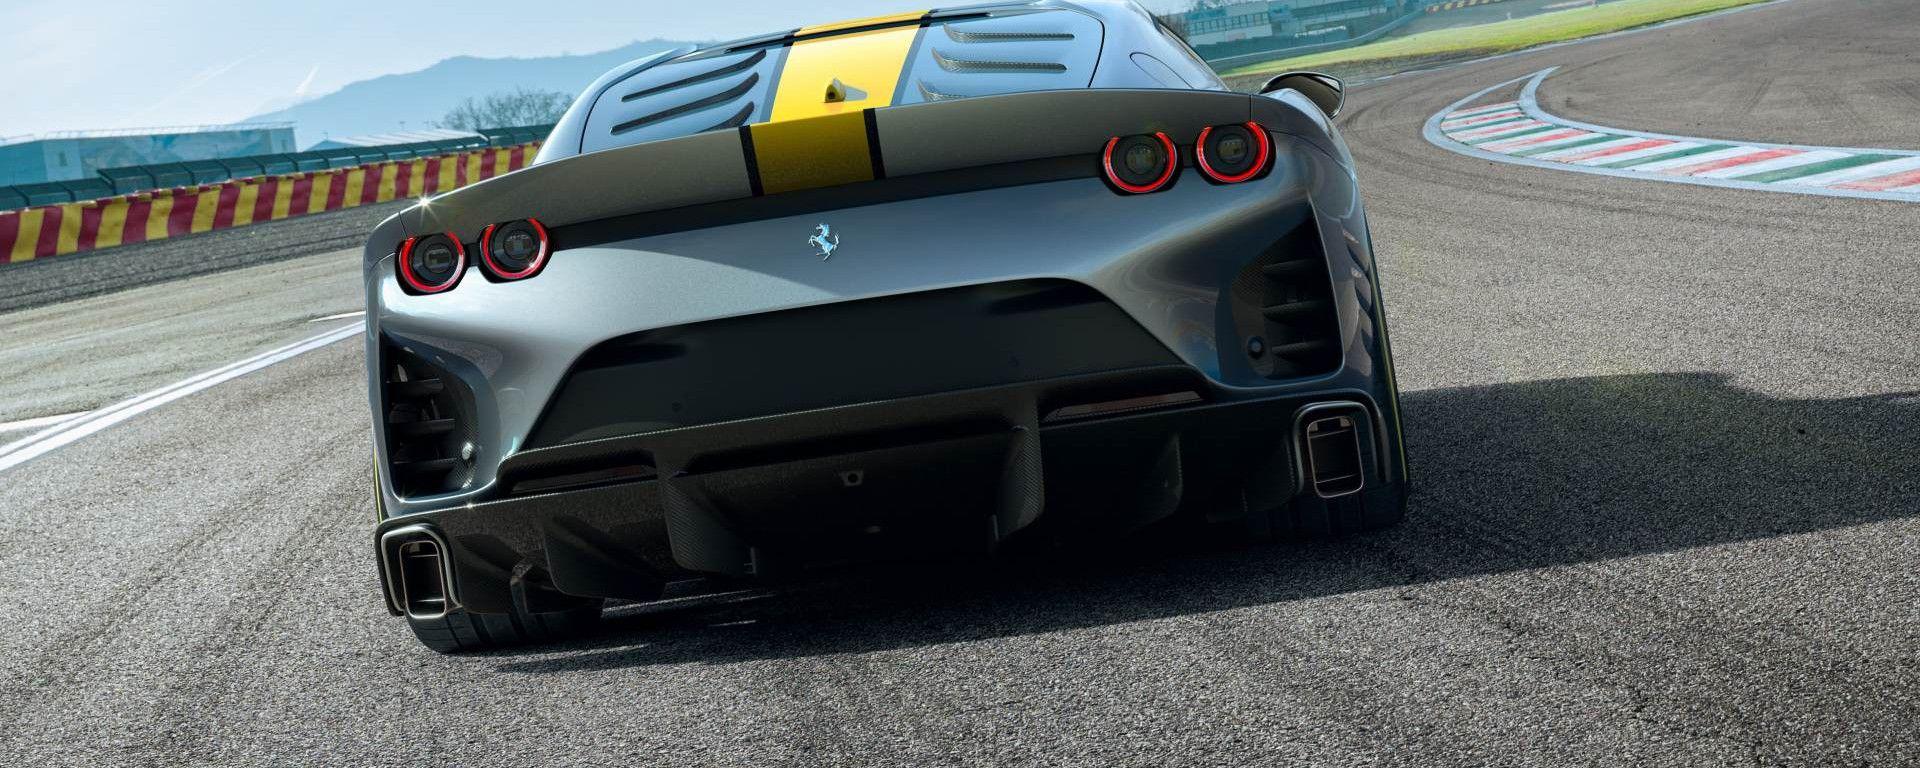 Nuova Ferrari 812 Competizione: questo il probabile nome della versione speciale 2021